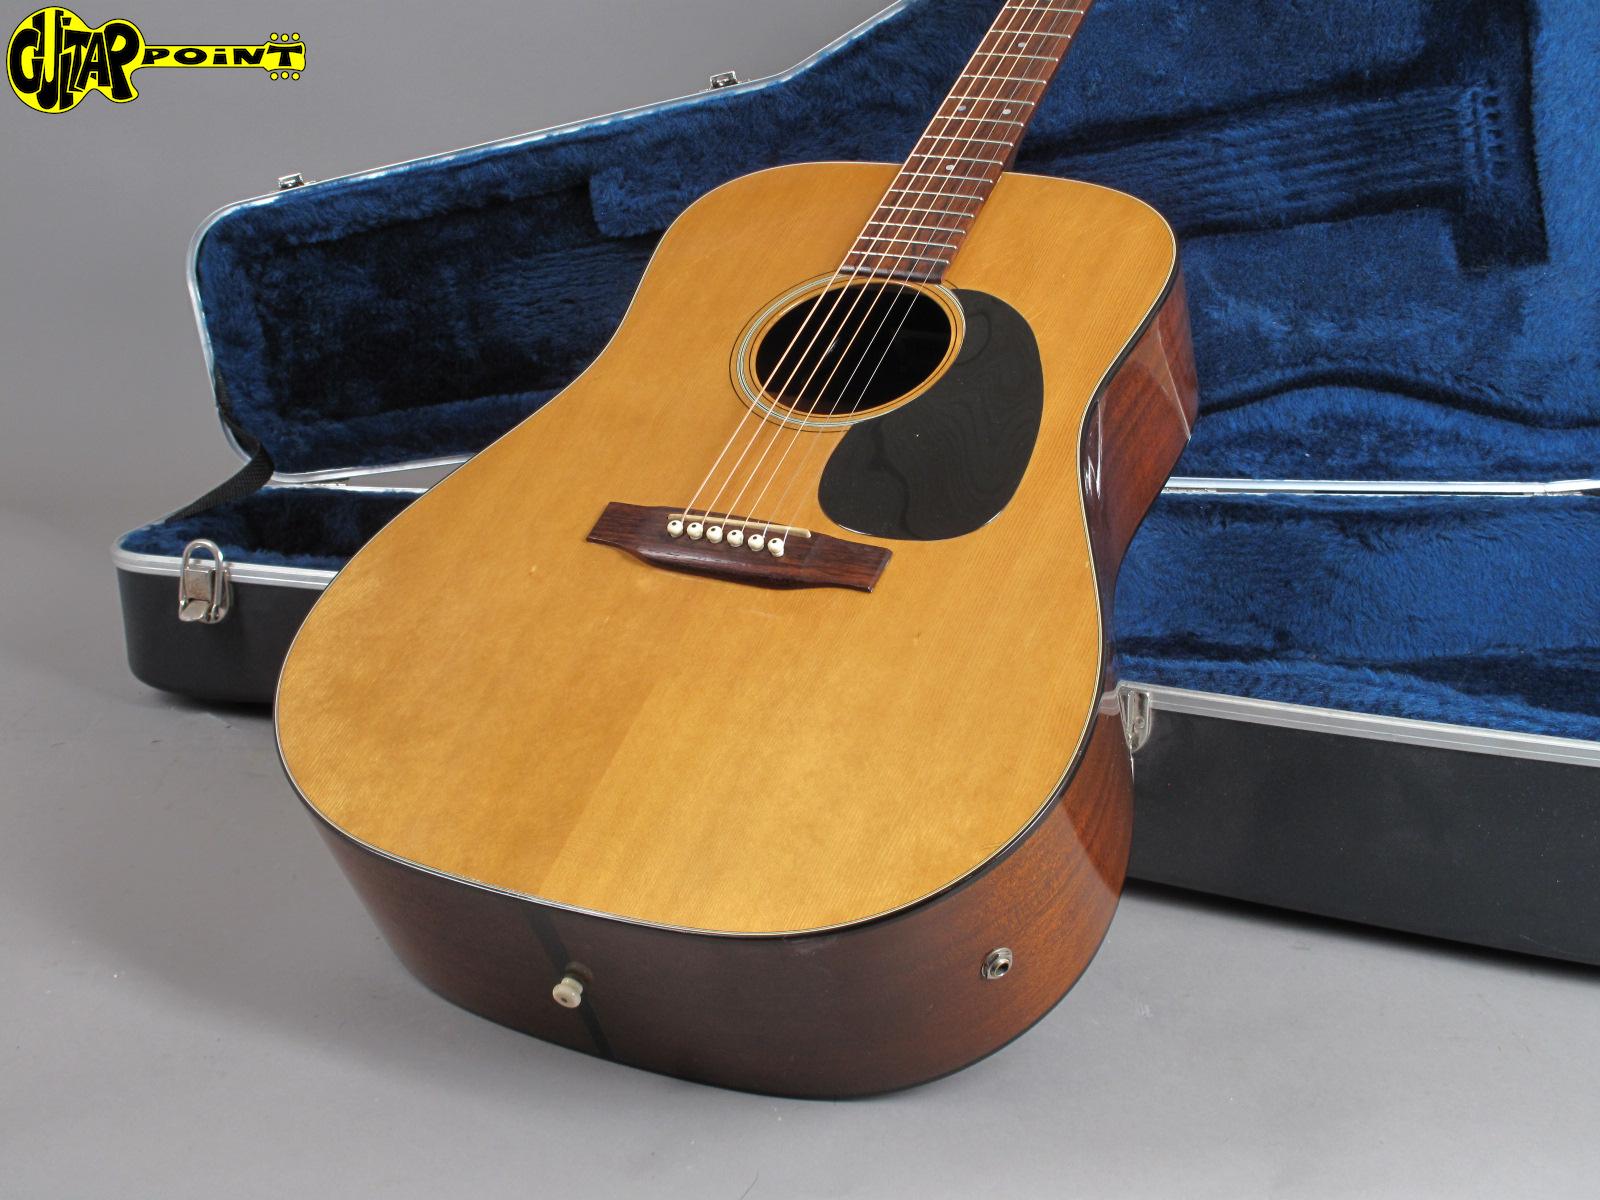 https://guitarpoint.de/app/uploads/products/1975-martin-d-18-d-natural-rare/Martin75D18D360543_15.jpg